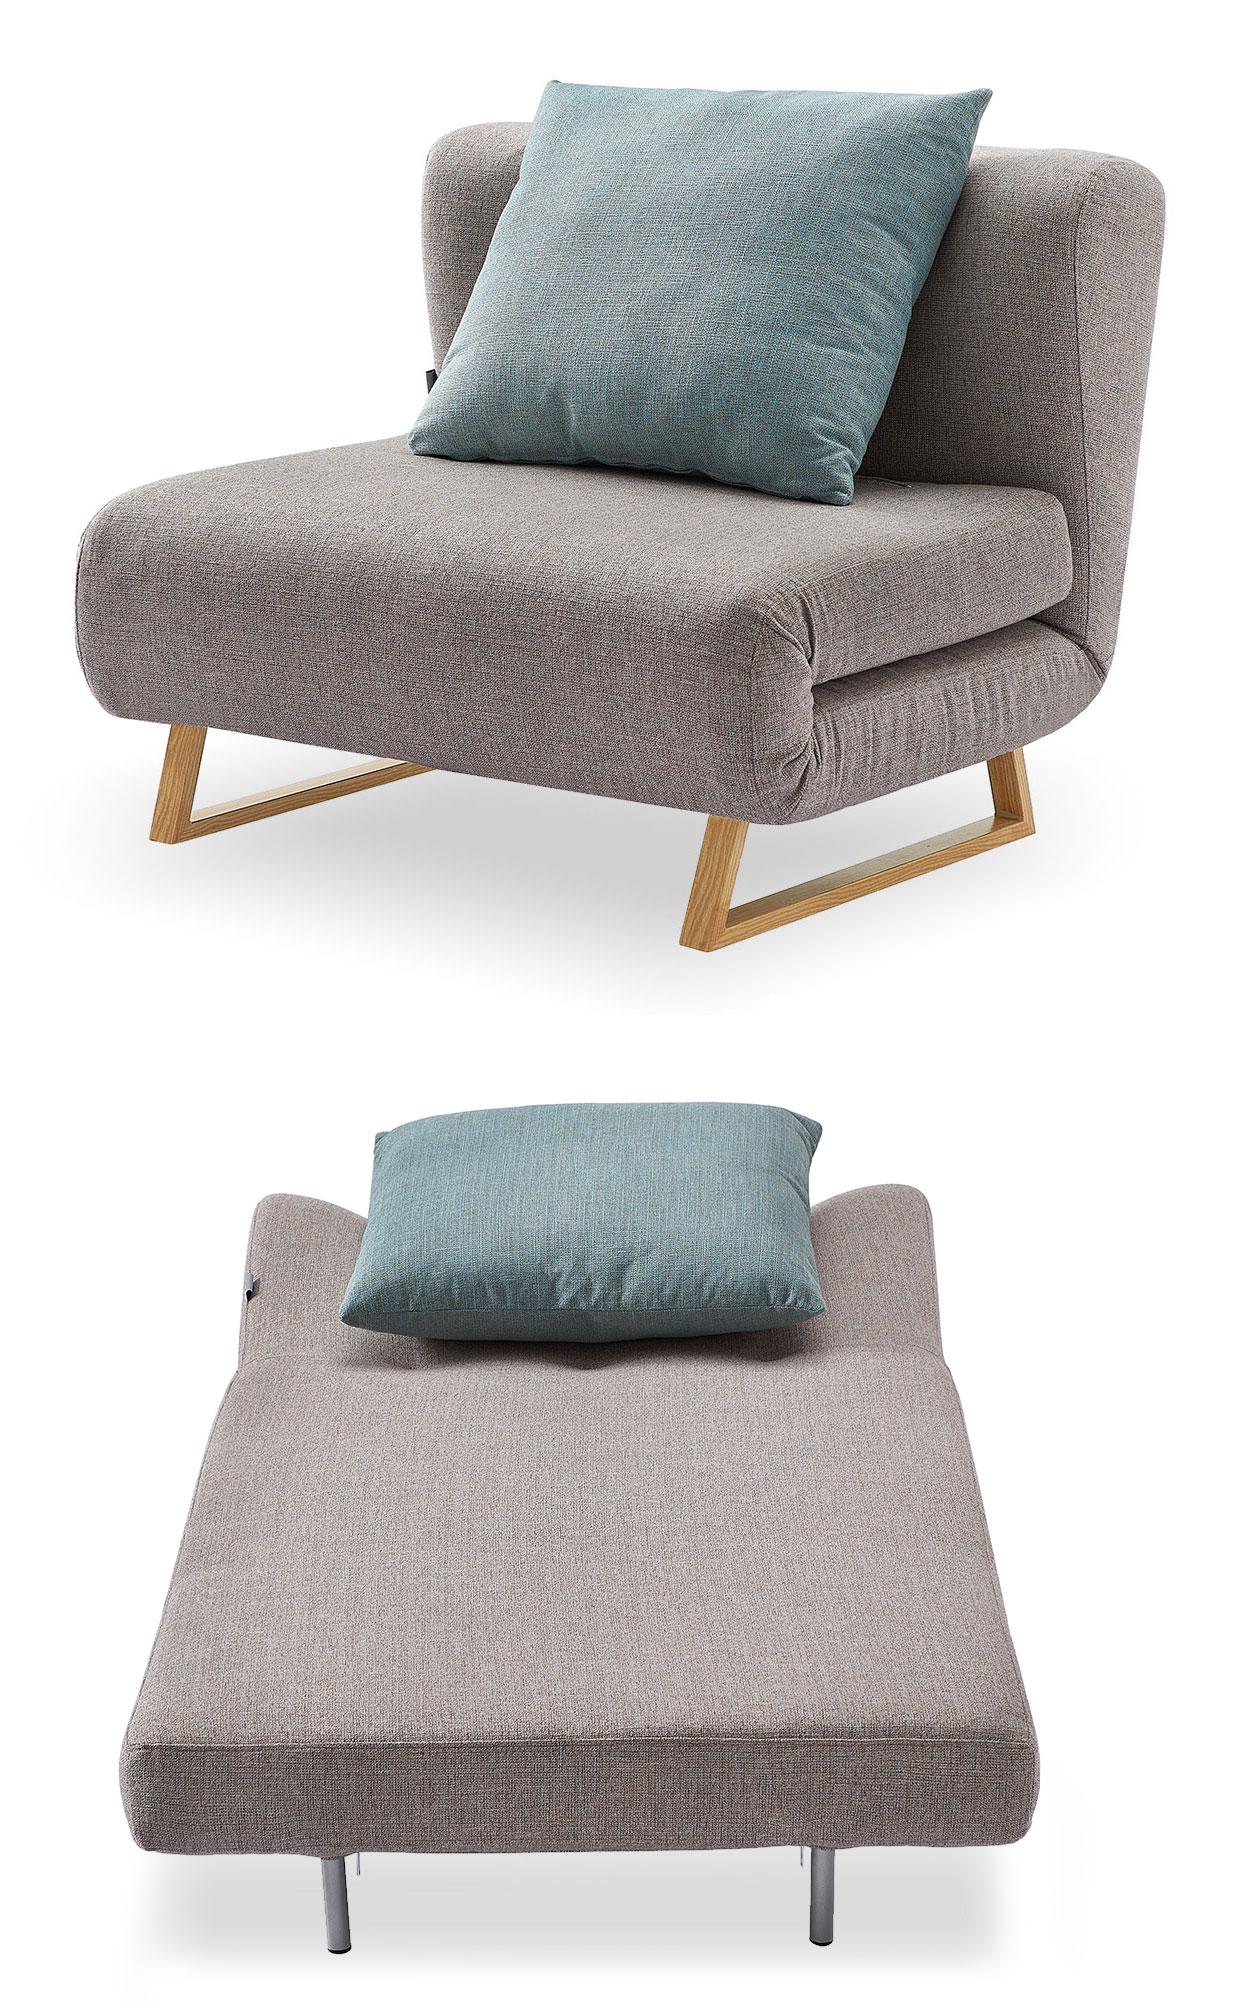 Кресло кровать Rosy, бежевый/мята